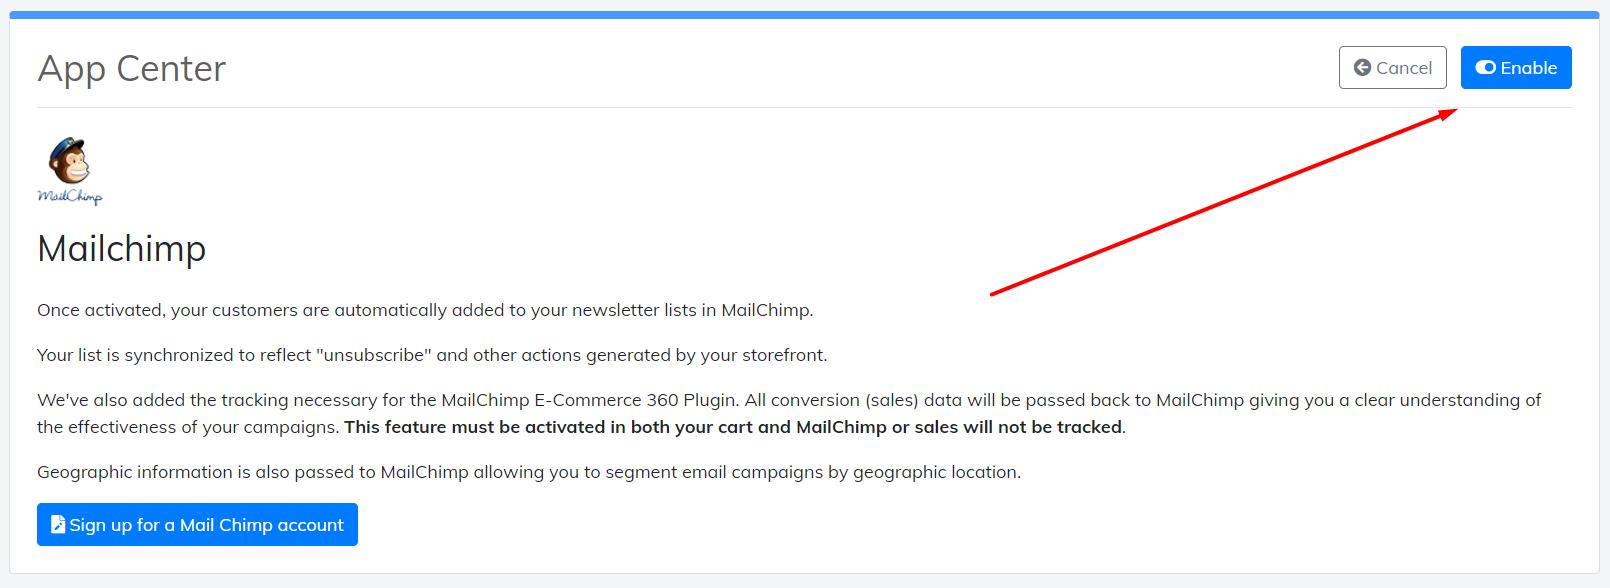 enable-mailchimp-app